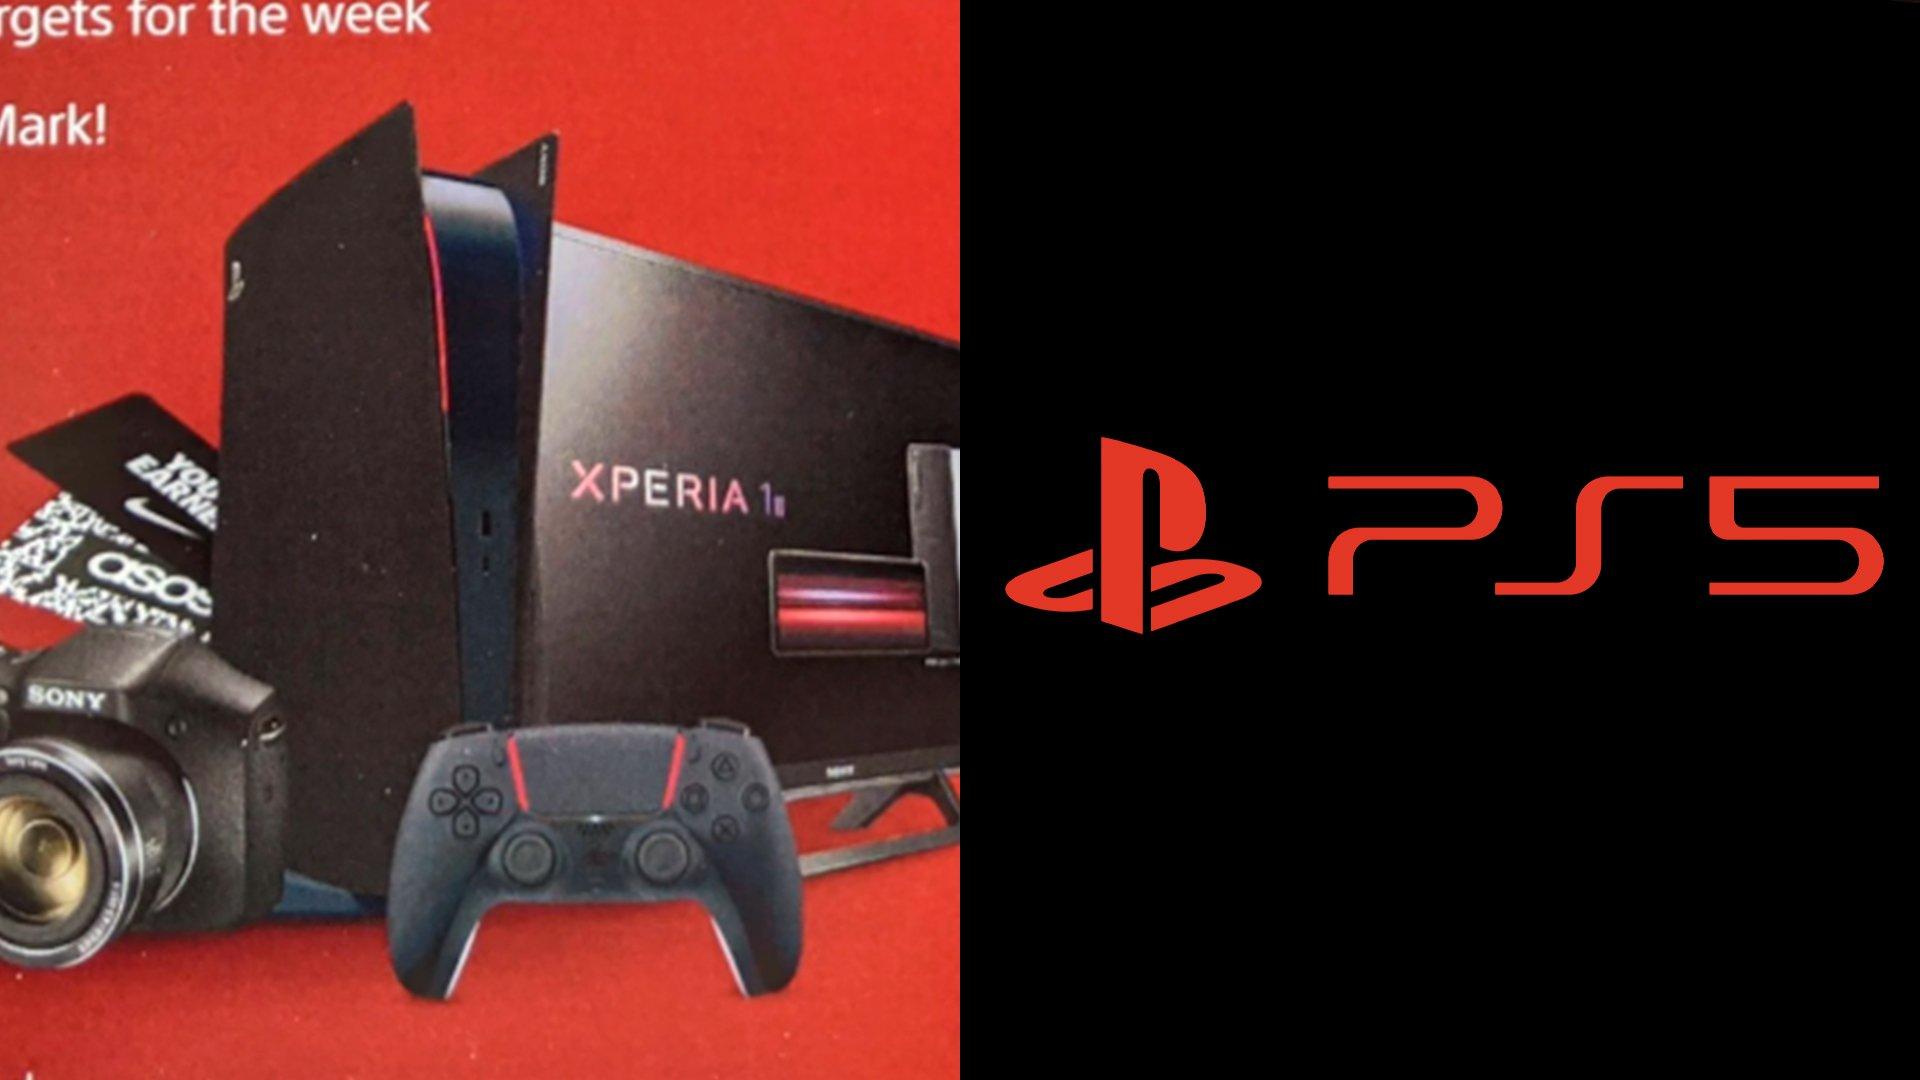 A Sony revelou uma cor para a PlayStation 5, no entanto surgiu um material de marketing que mostra o console com as cores pretas e vermelhas.